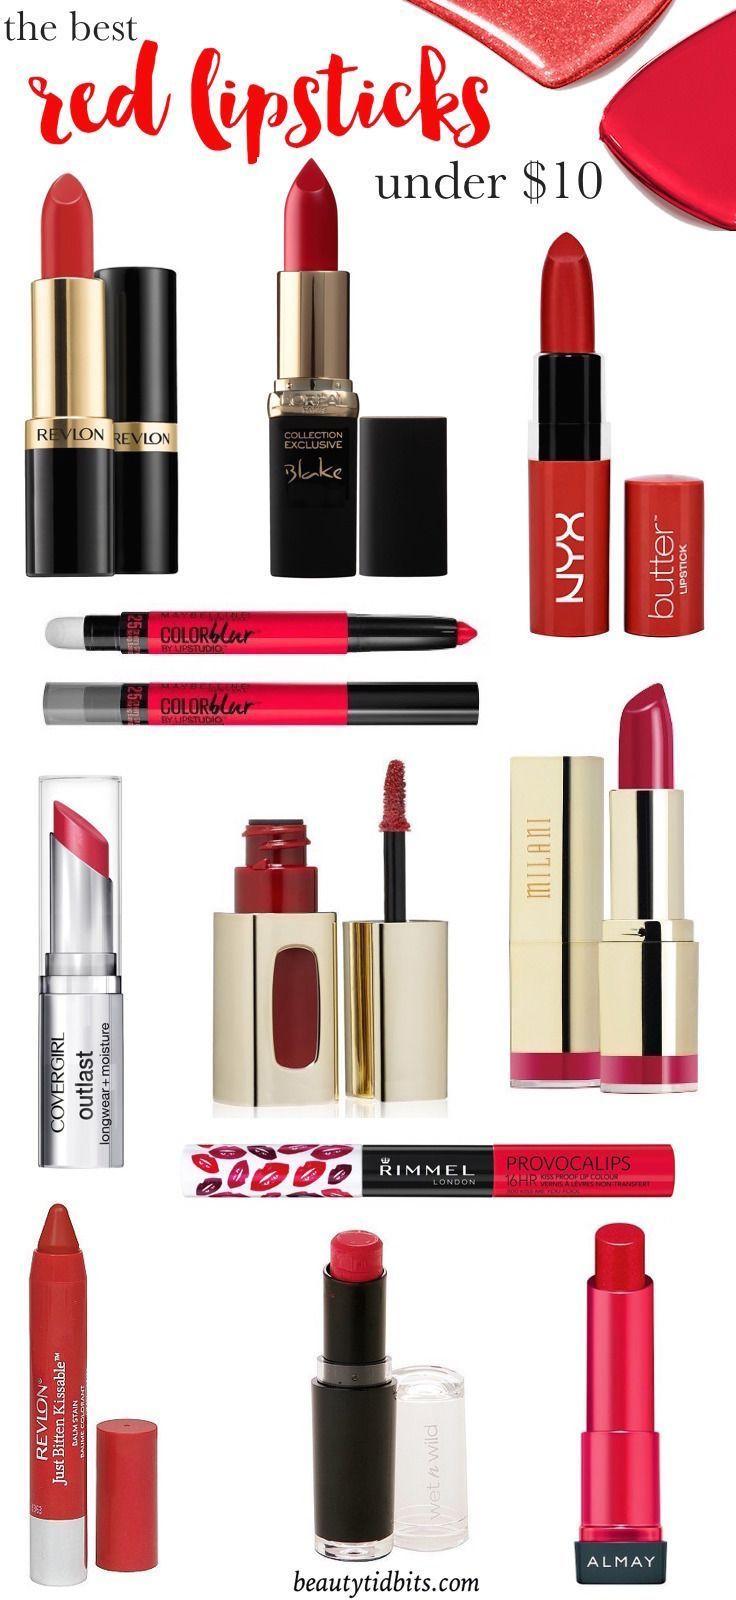 Best Drugstore Red Lipsticks unter 10 $ Best Drugstore Red Lipsticks unter 10 $